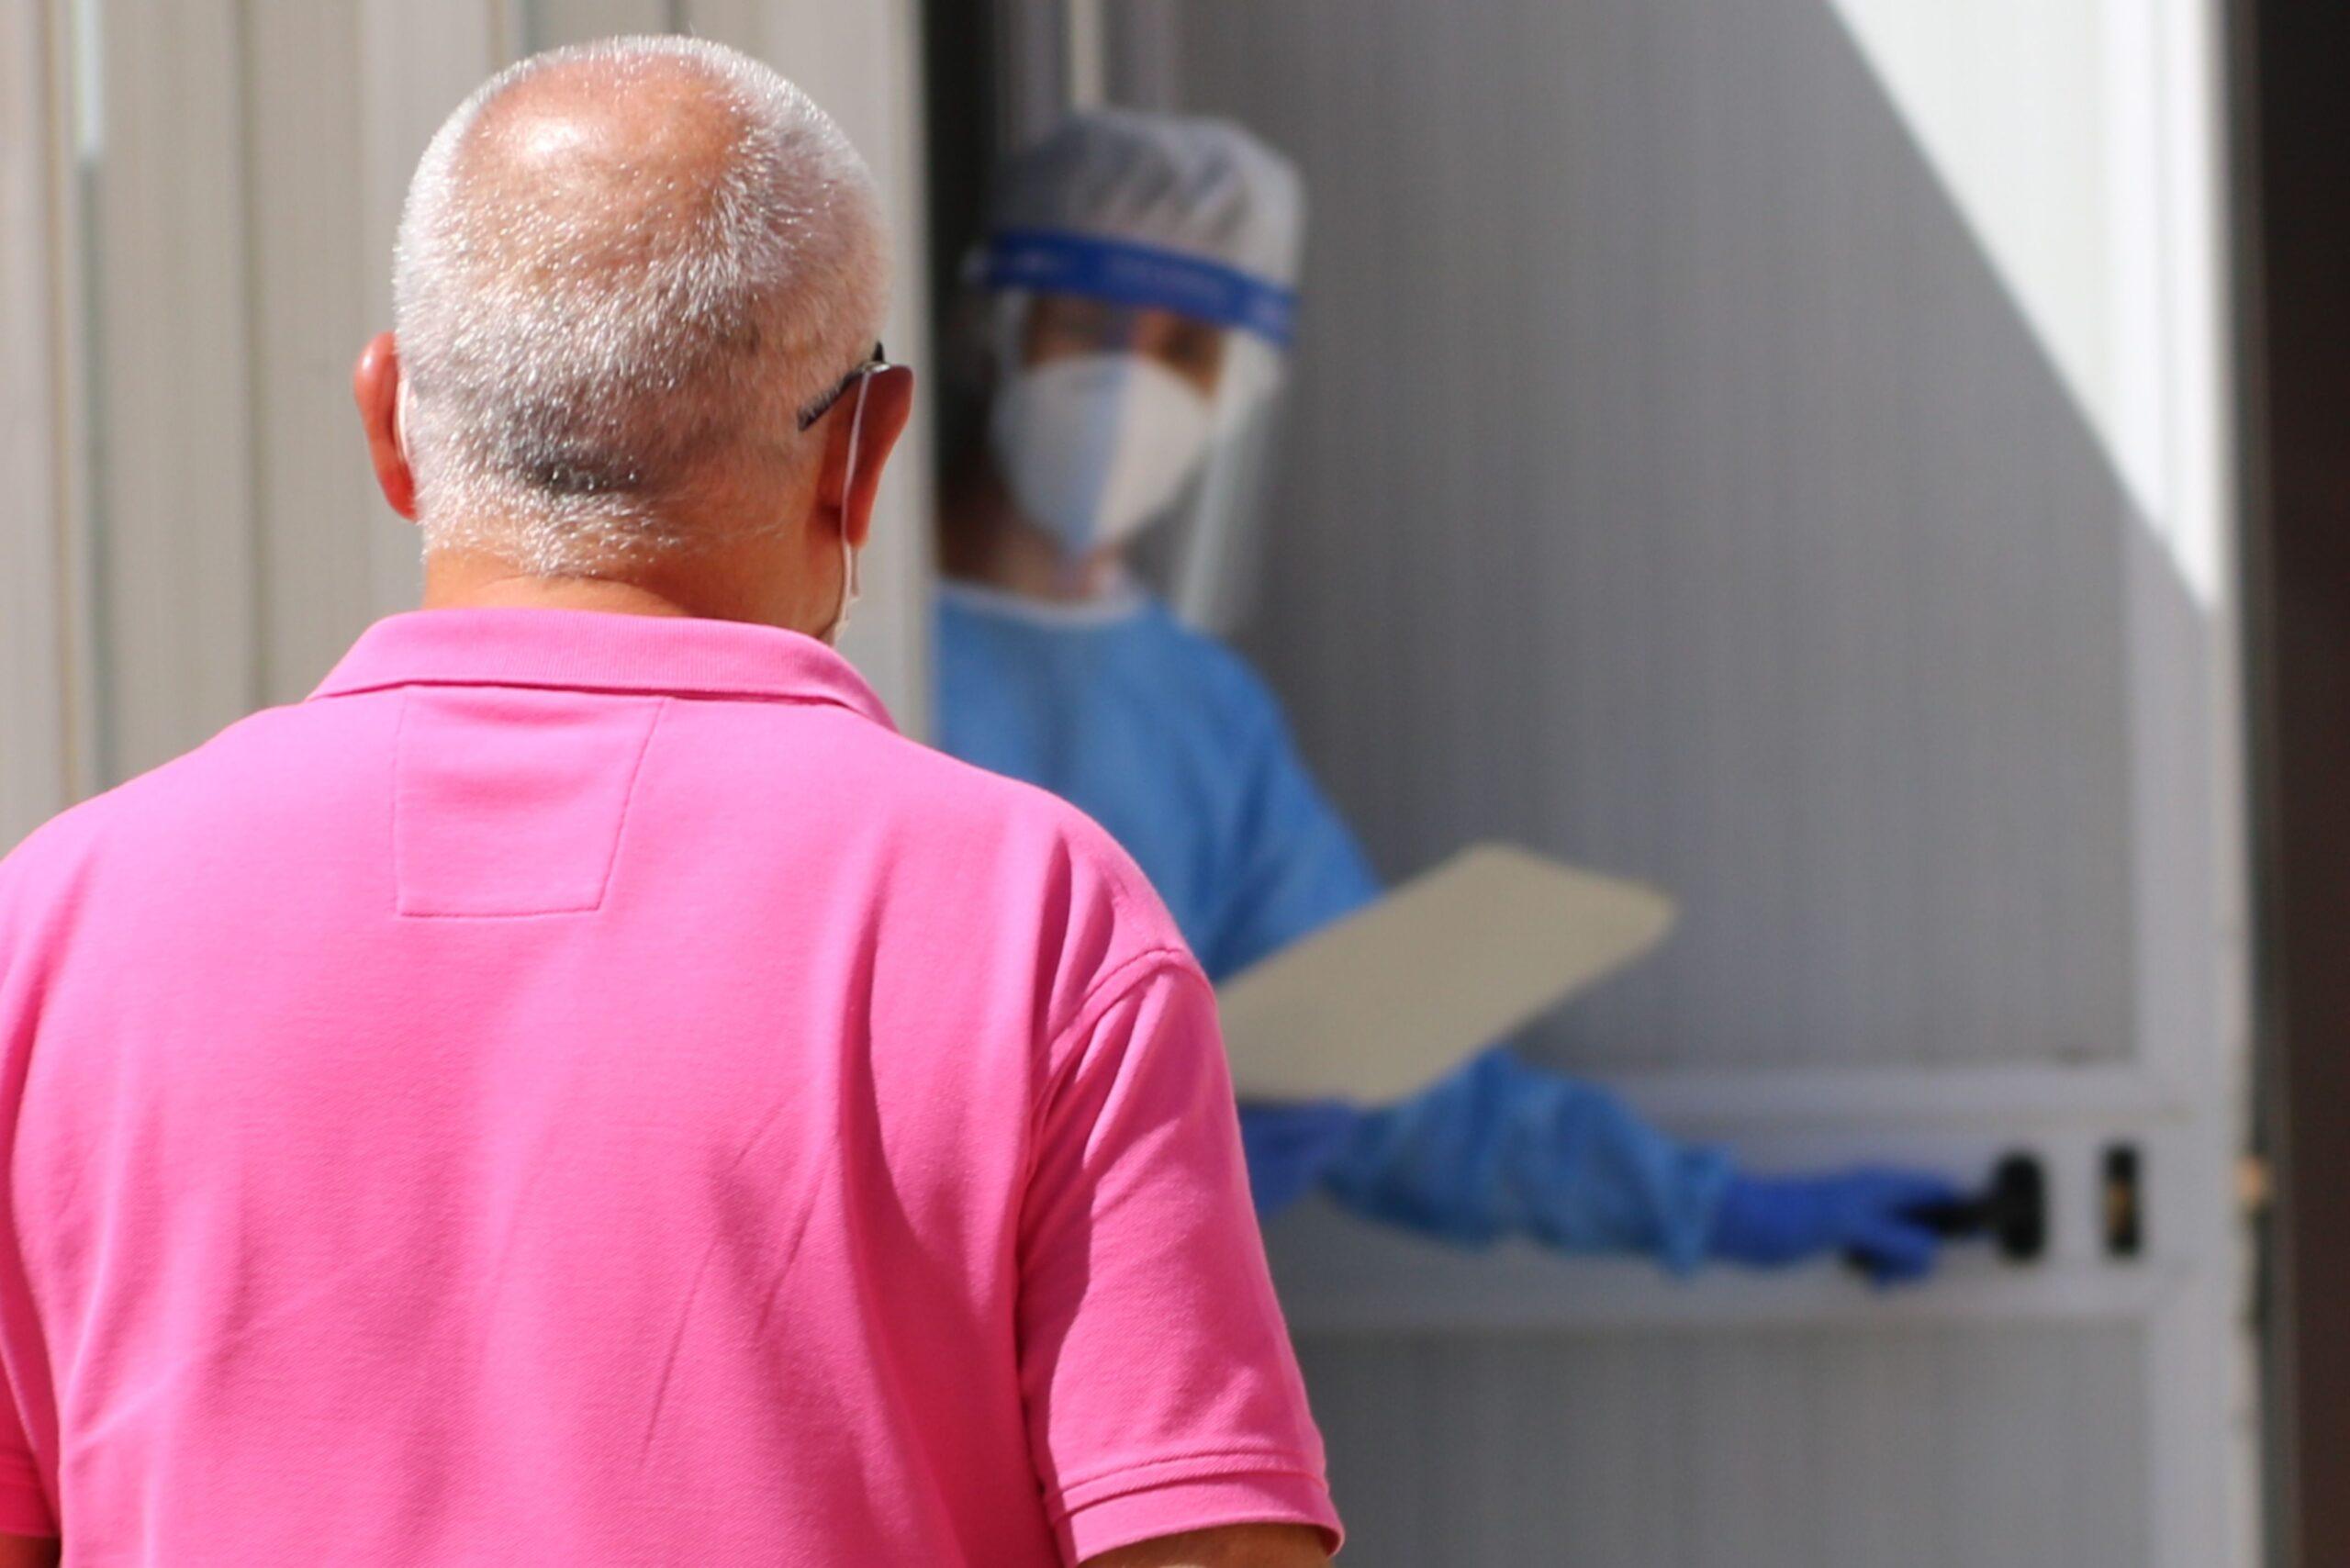 Un home d'esquena, dirigint-se a un mòdul habilitat al CAP Sant Pere de Reus on l'espera una sanitària per fer-li la prova PCR